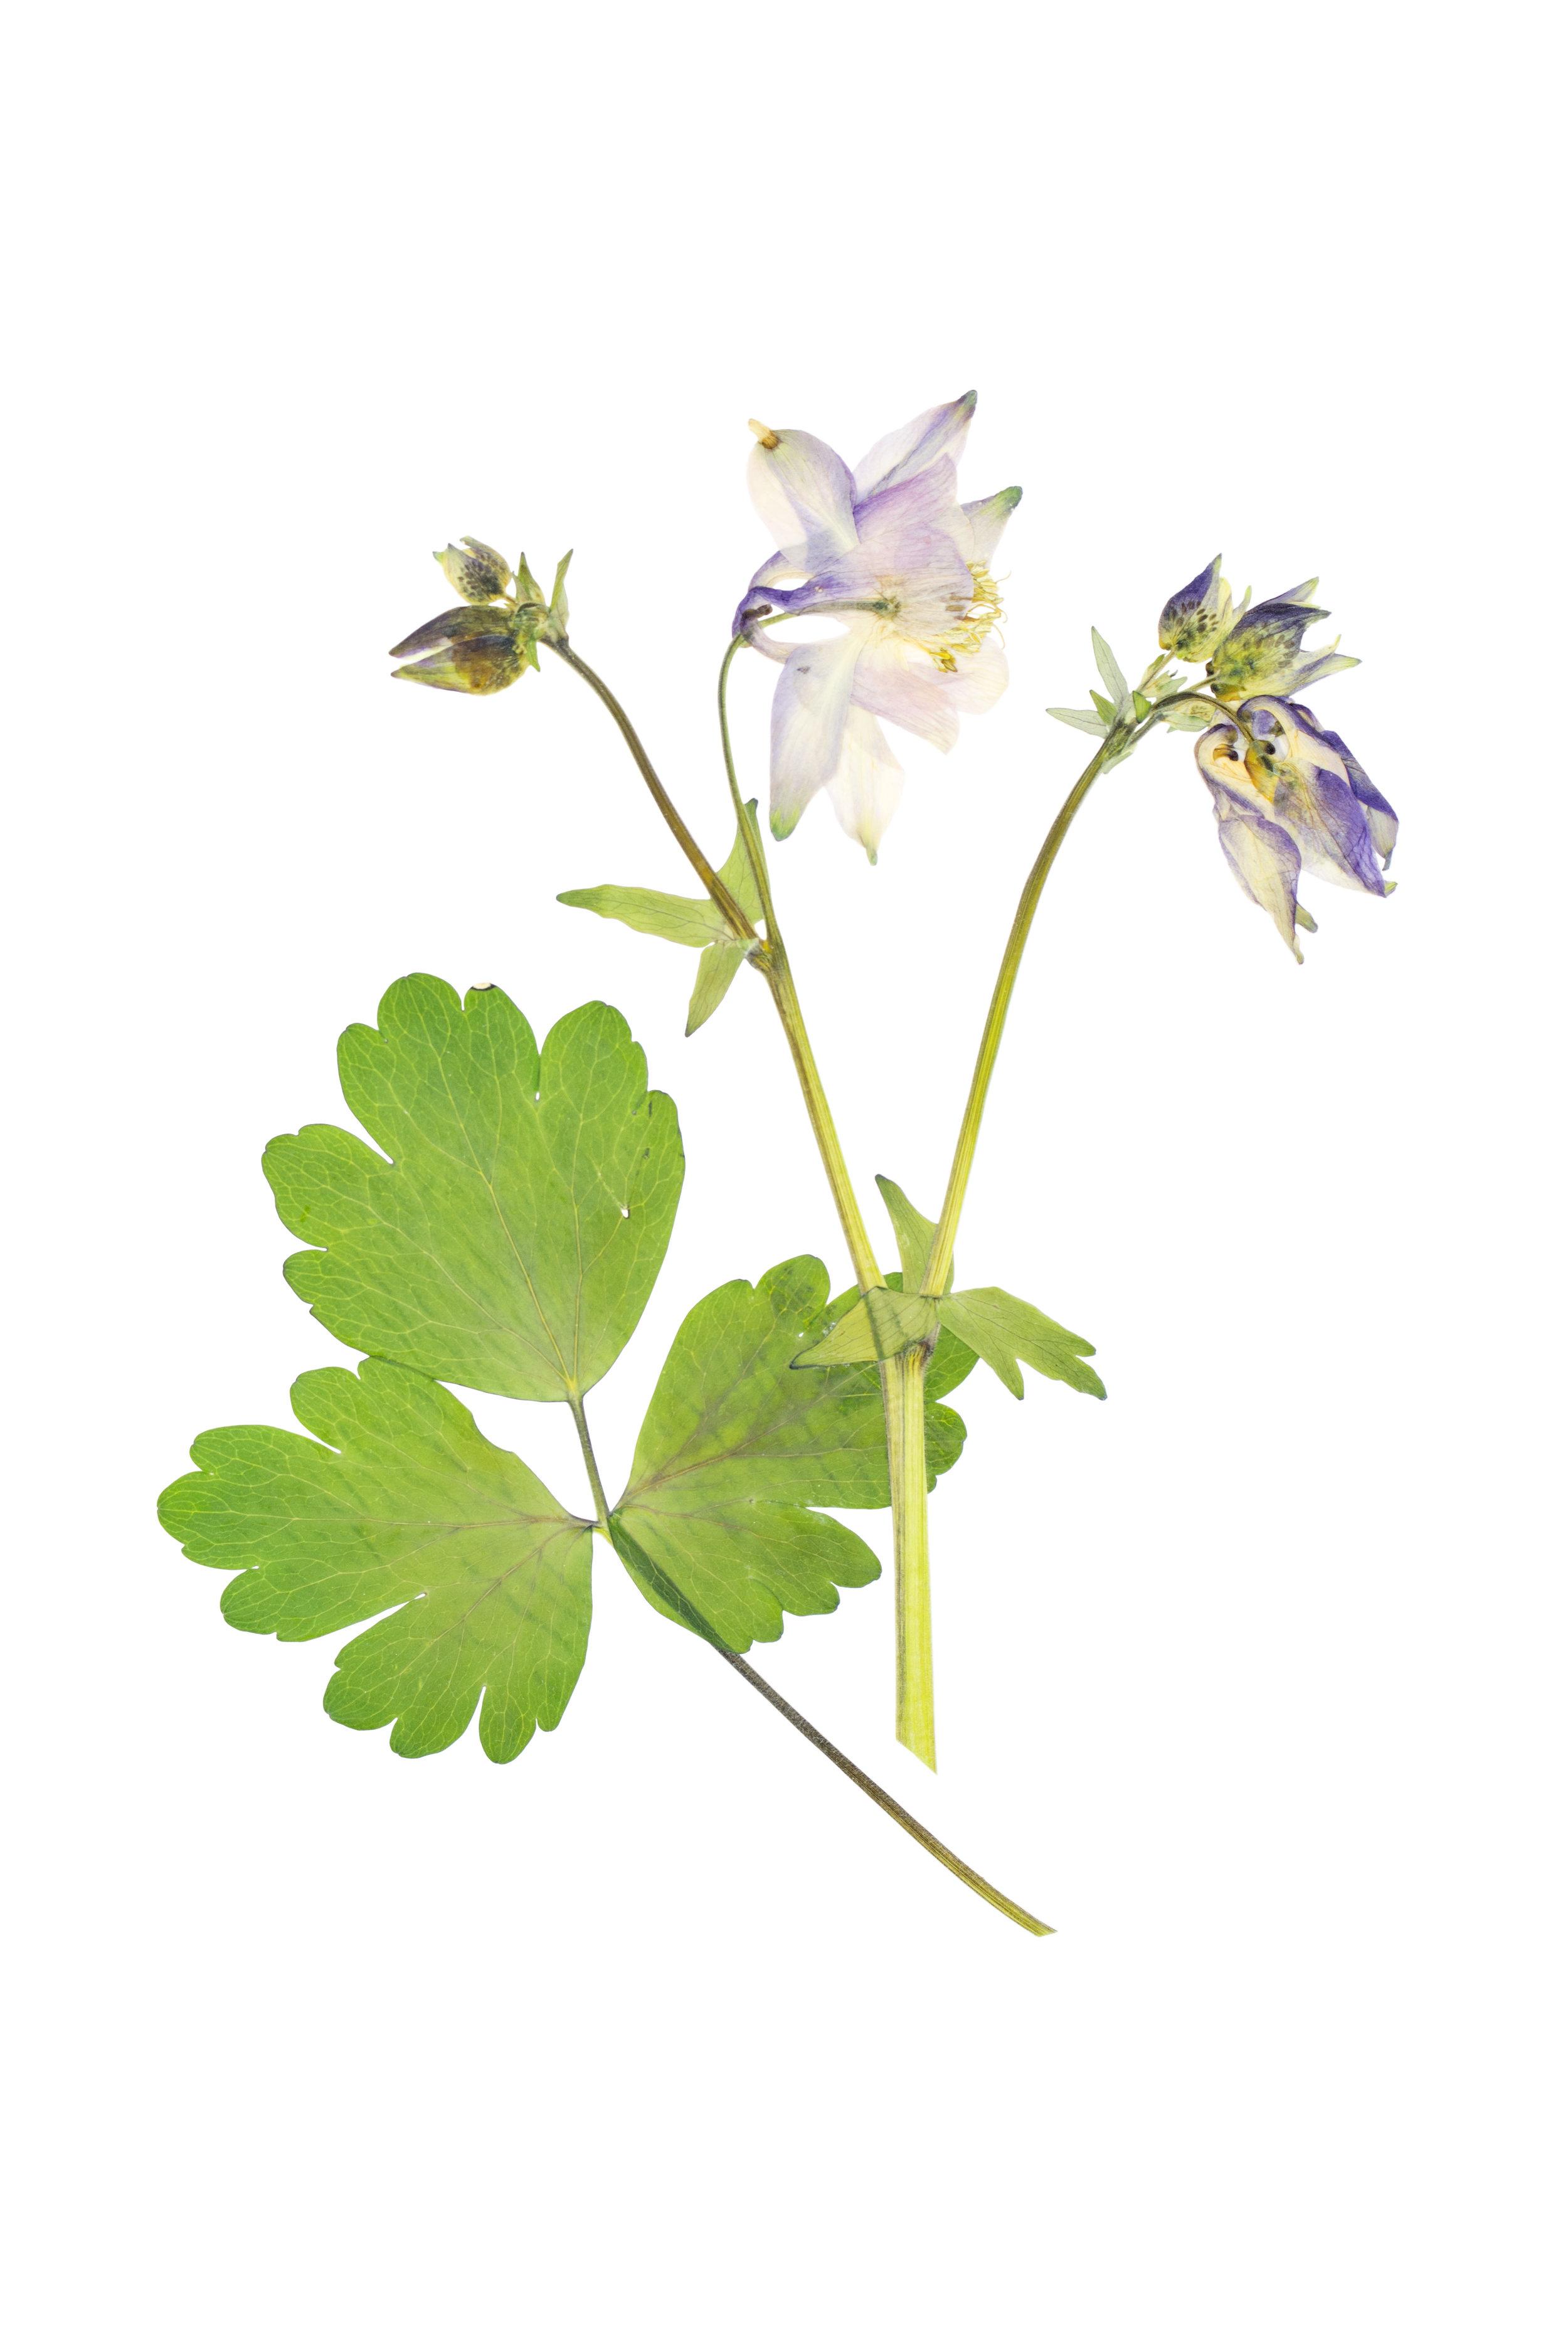 European Columbine / Aquilegia vulgaris